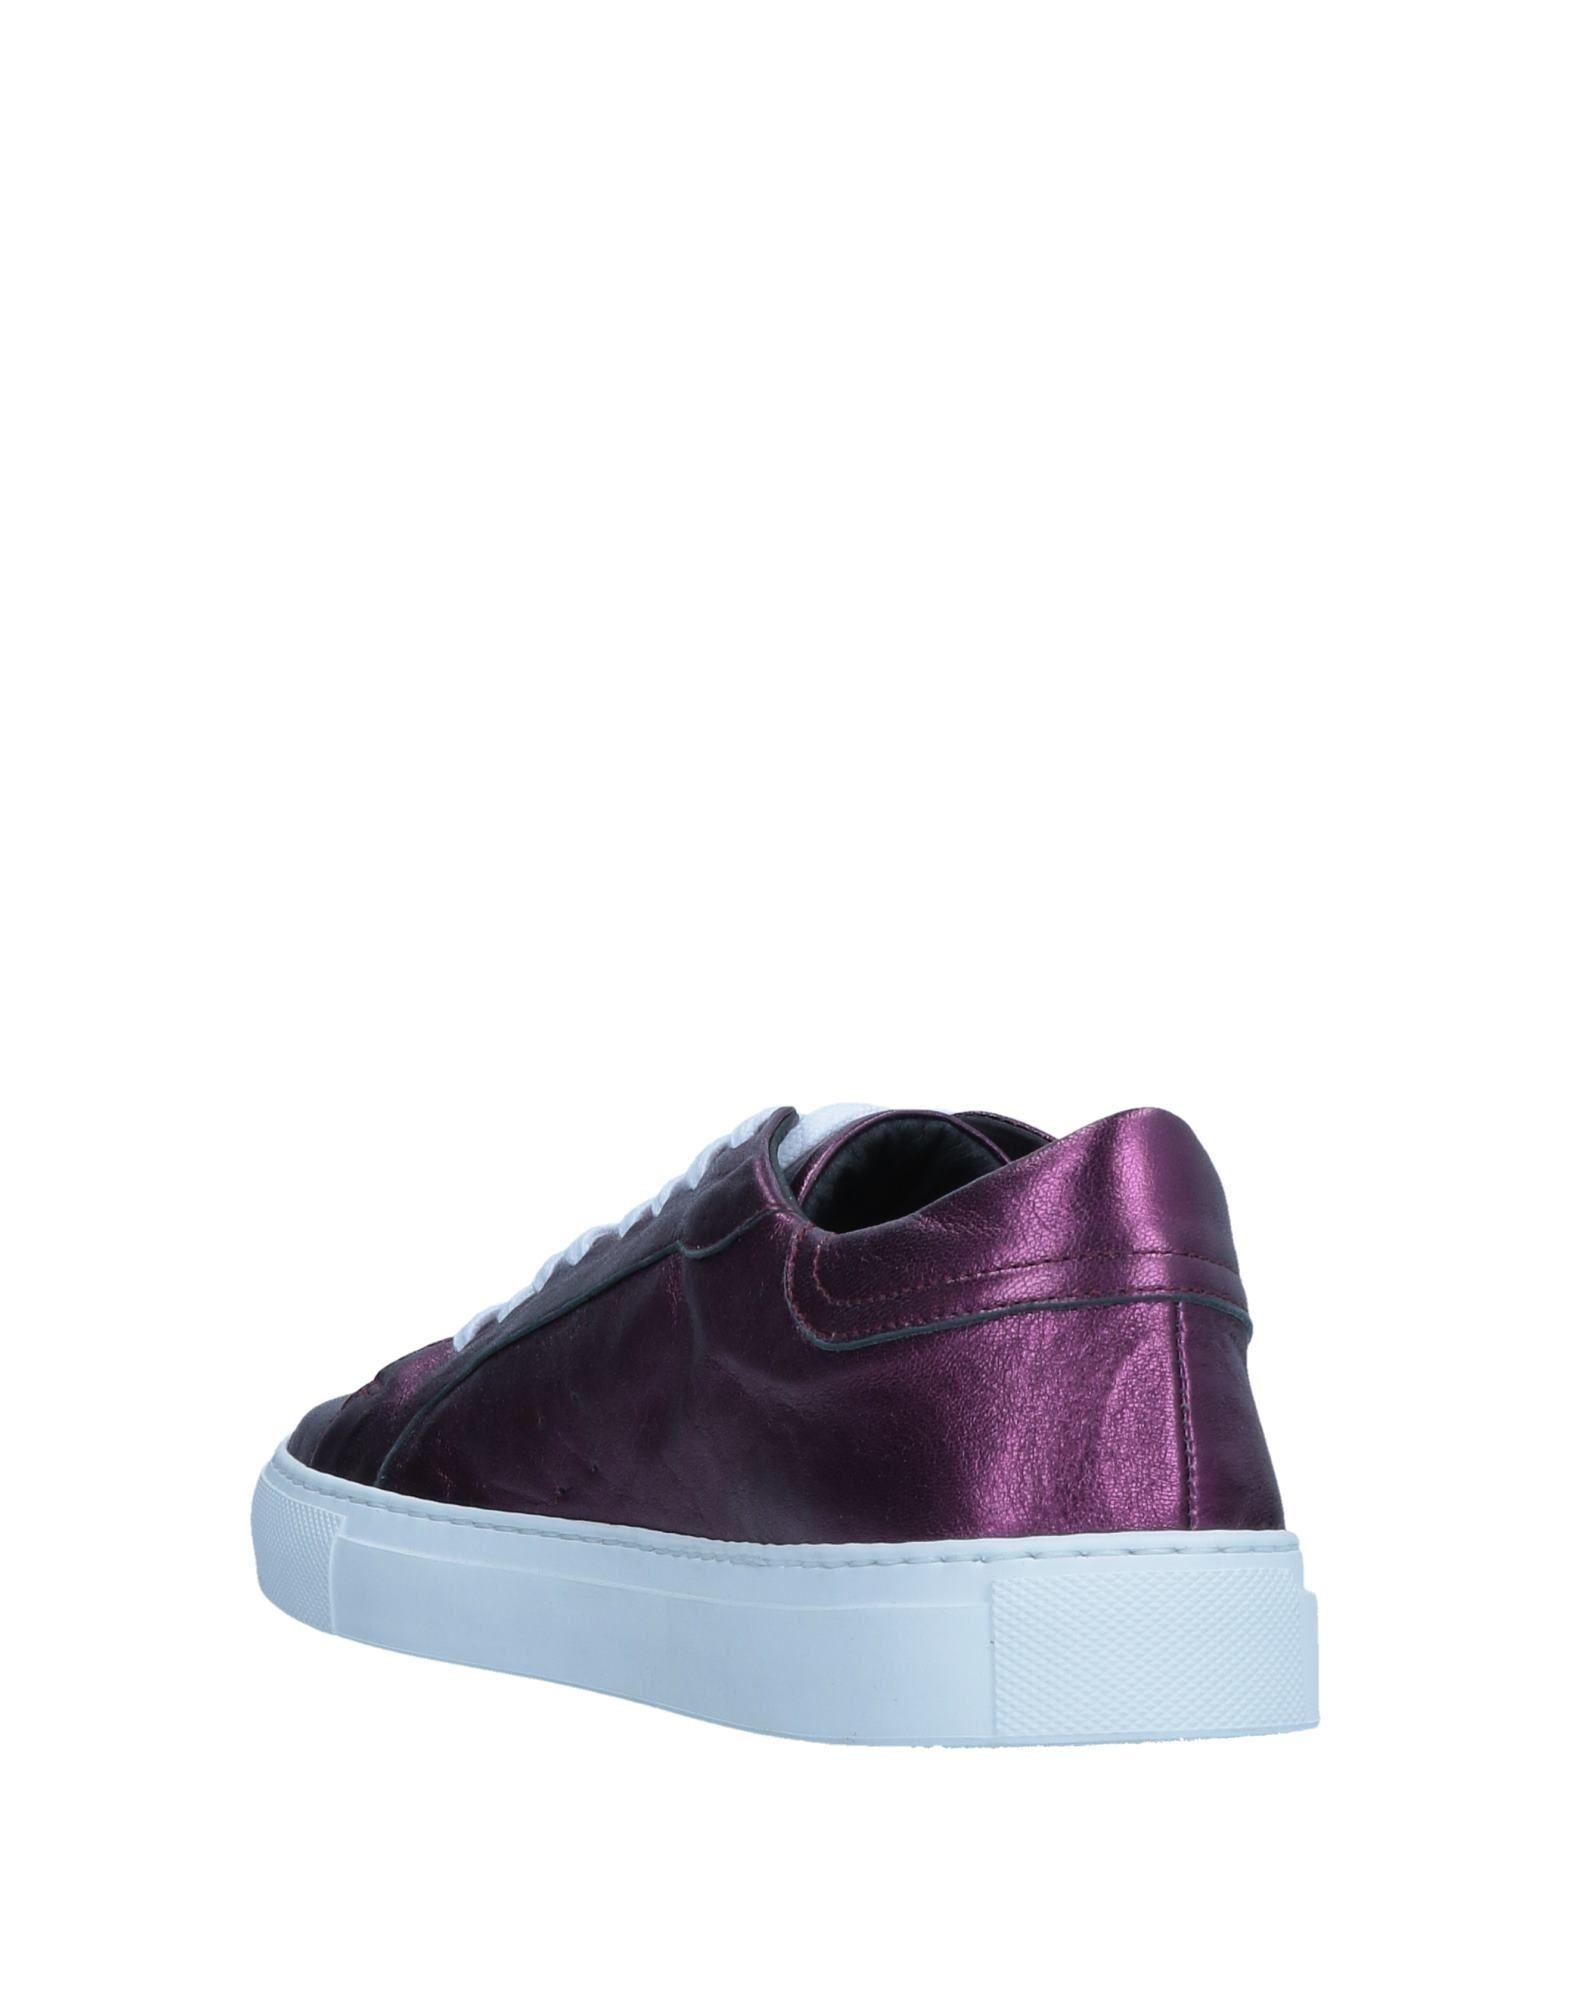 Gut um billige Schuhe zu  tragenPatrizia Pepe Sneakers Damen  zu 11557979NM 09dd84